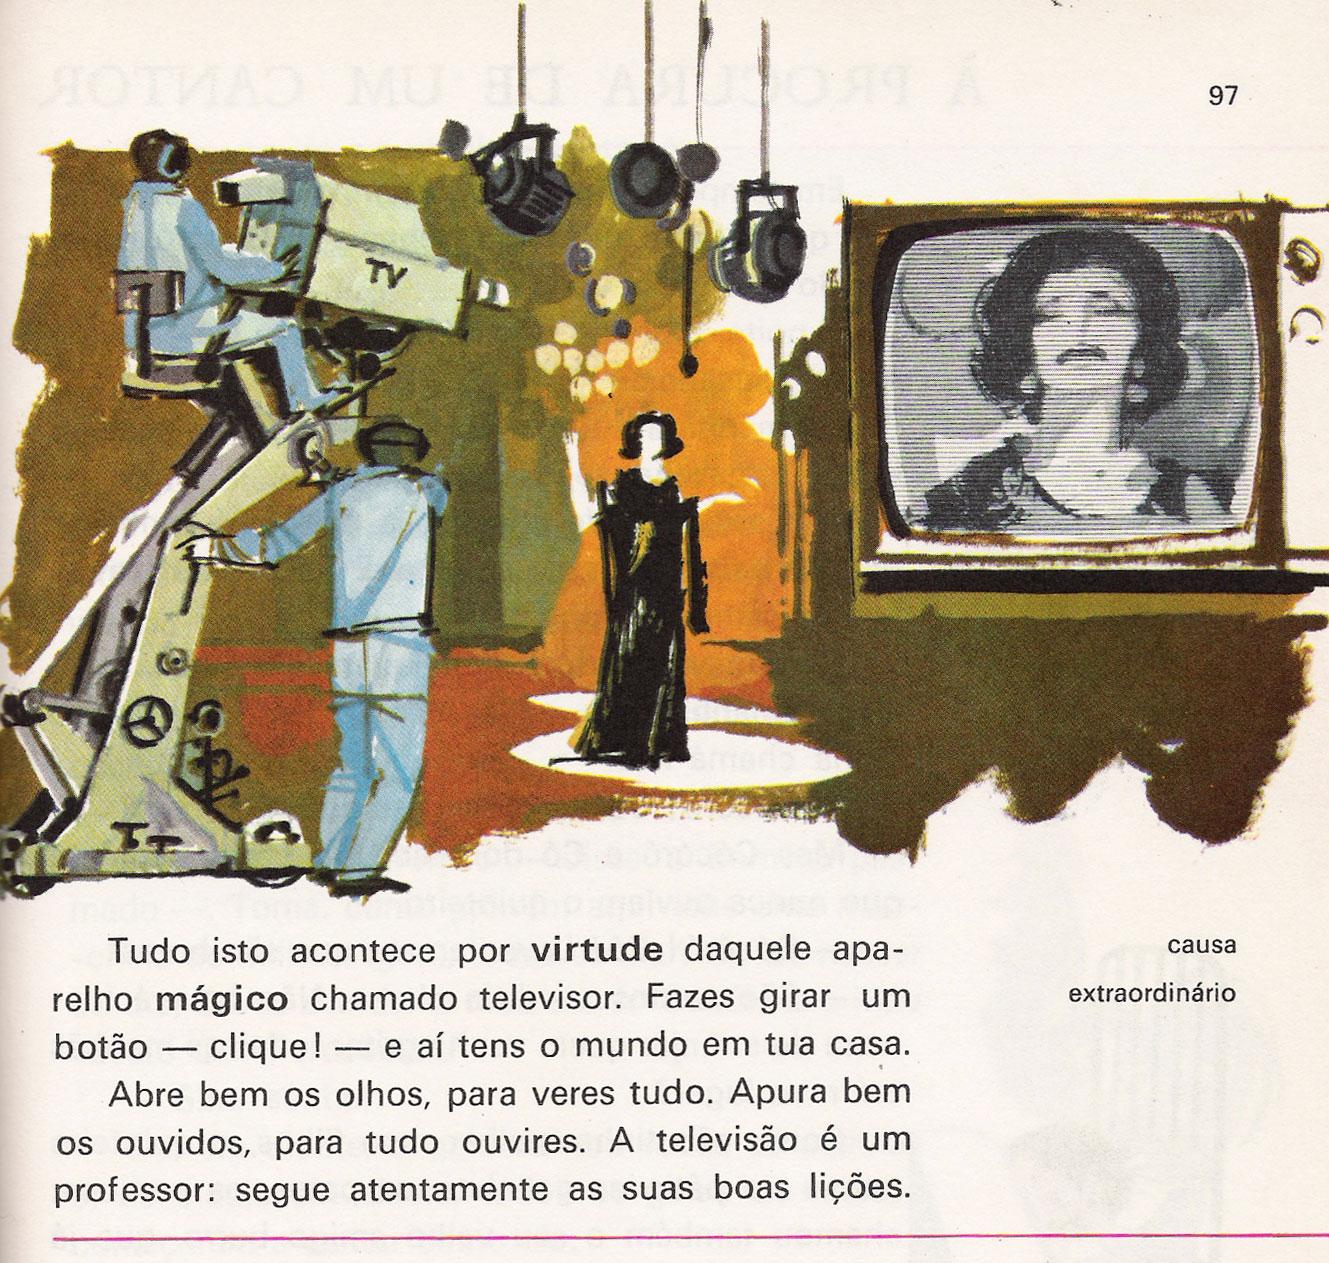 [tv-II.jpg]